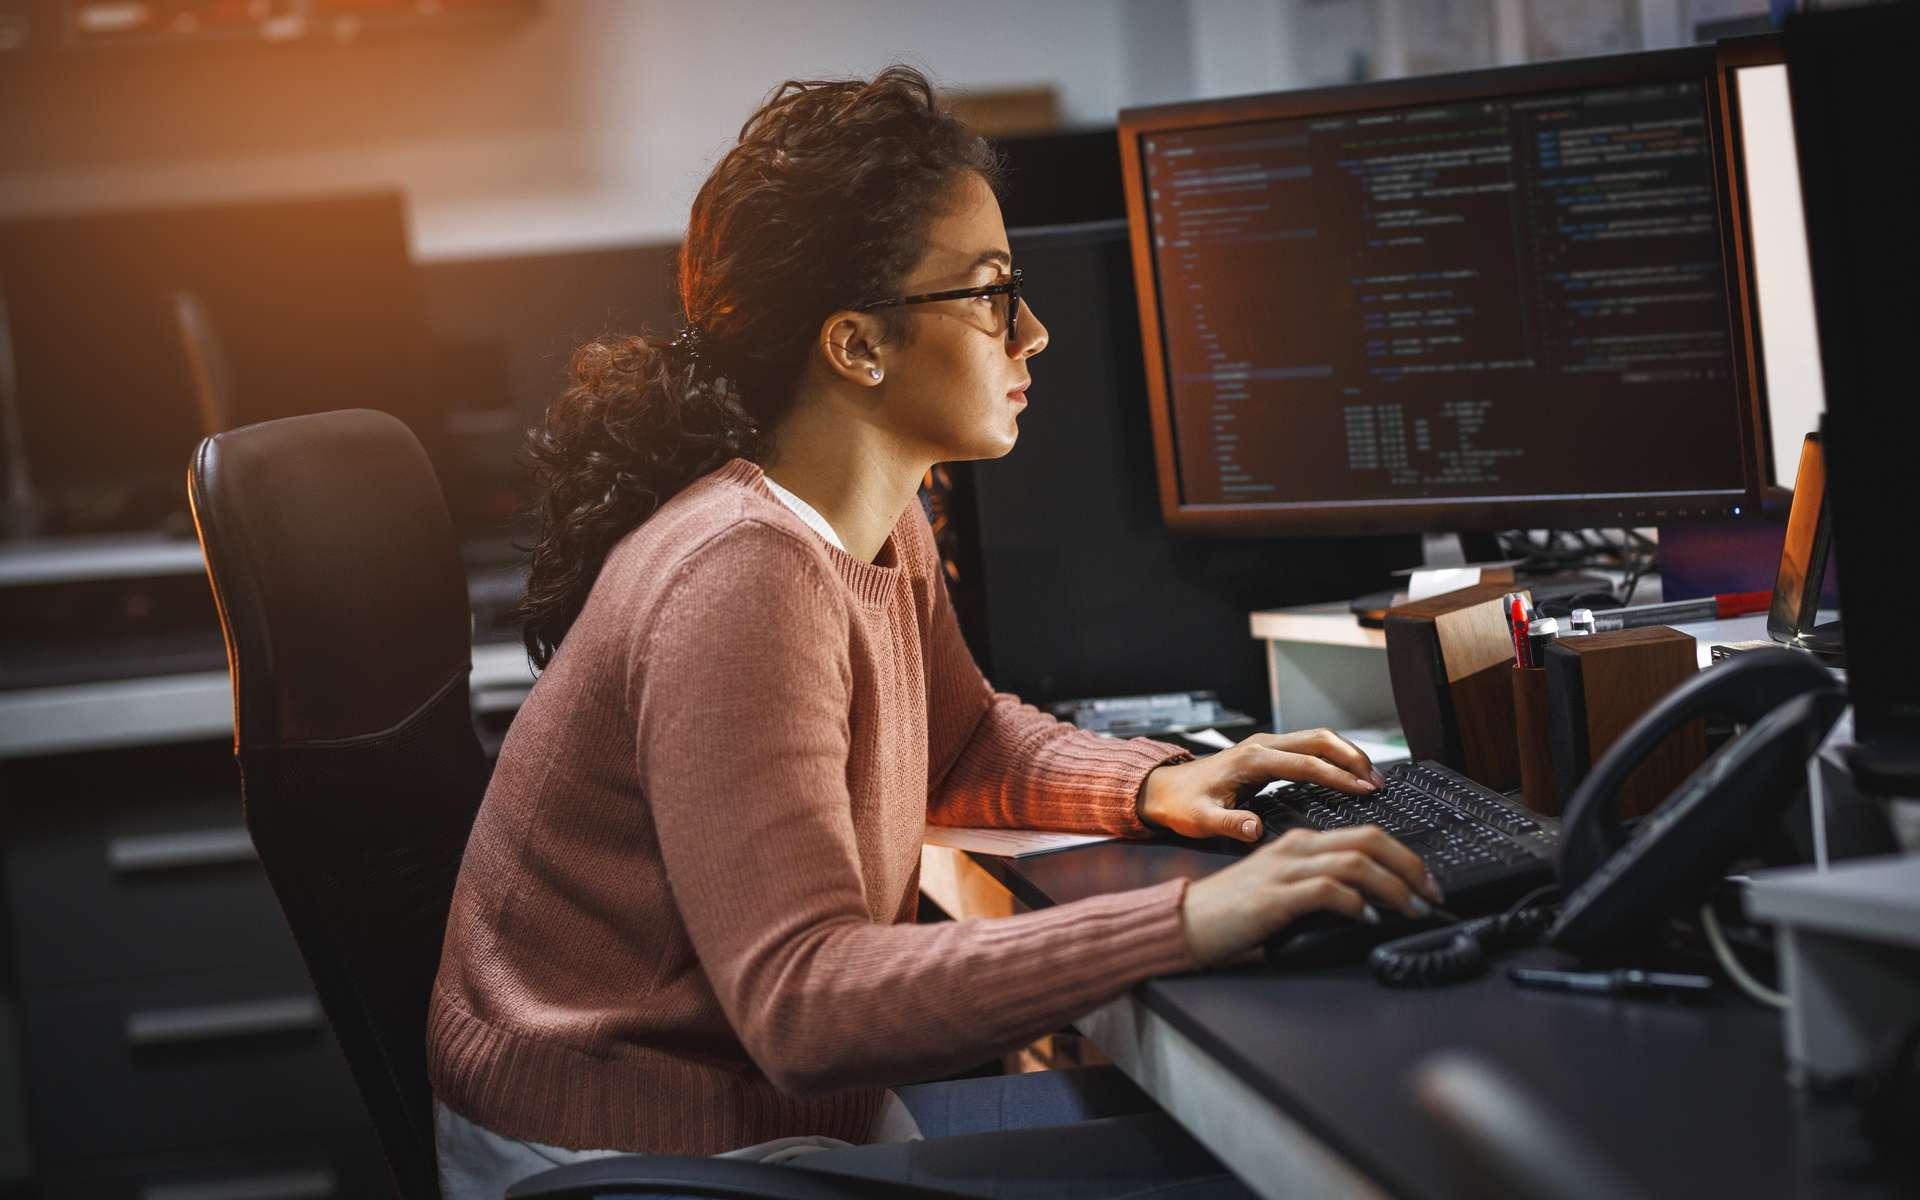 Profitez d'un bon plan sur la formation PHP et MySQL © BalanceFormCreative, Adobe Stock